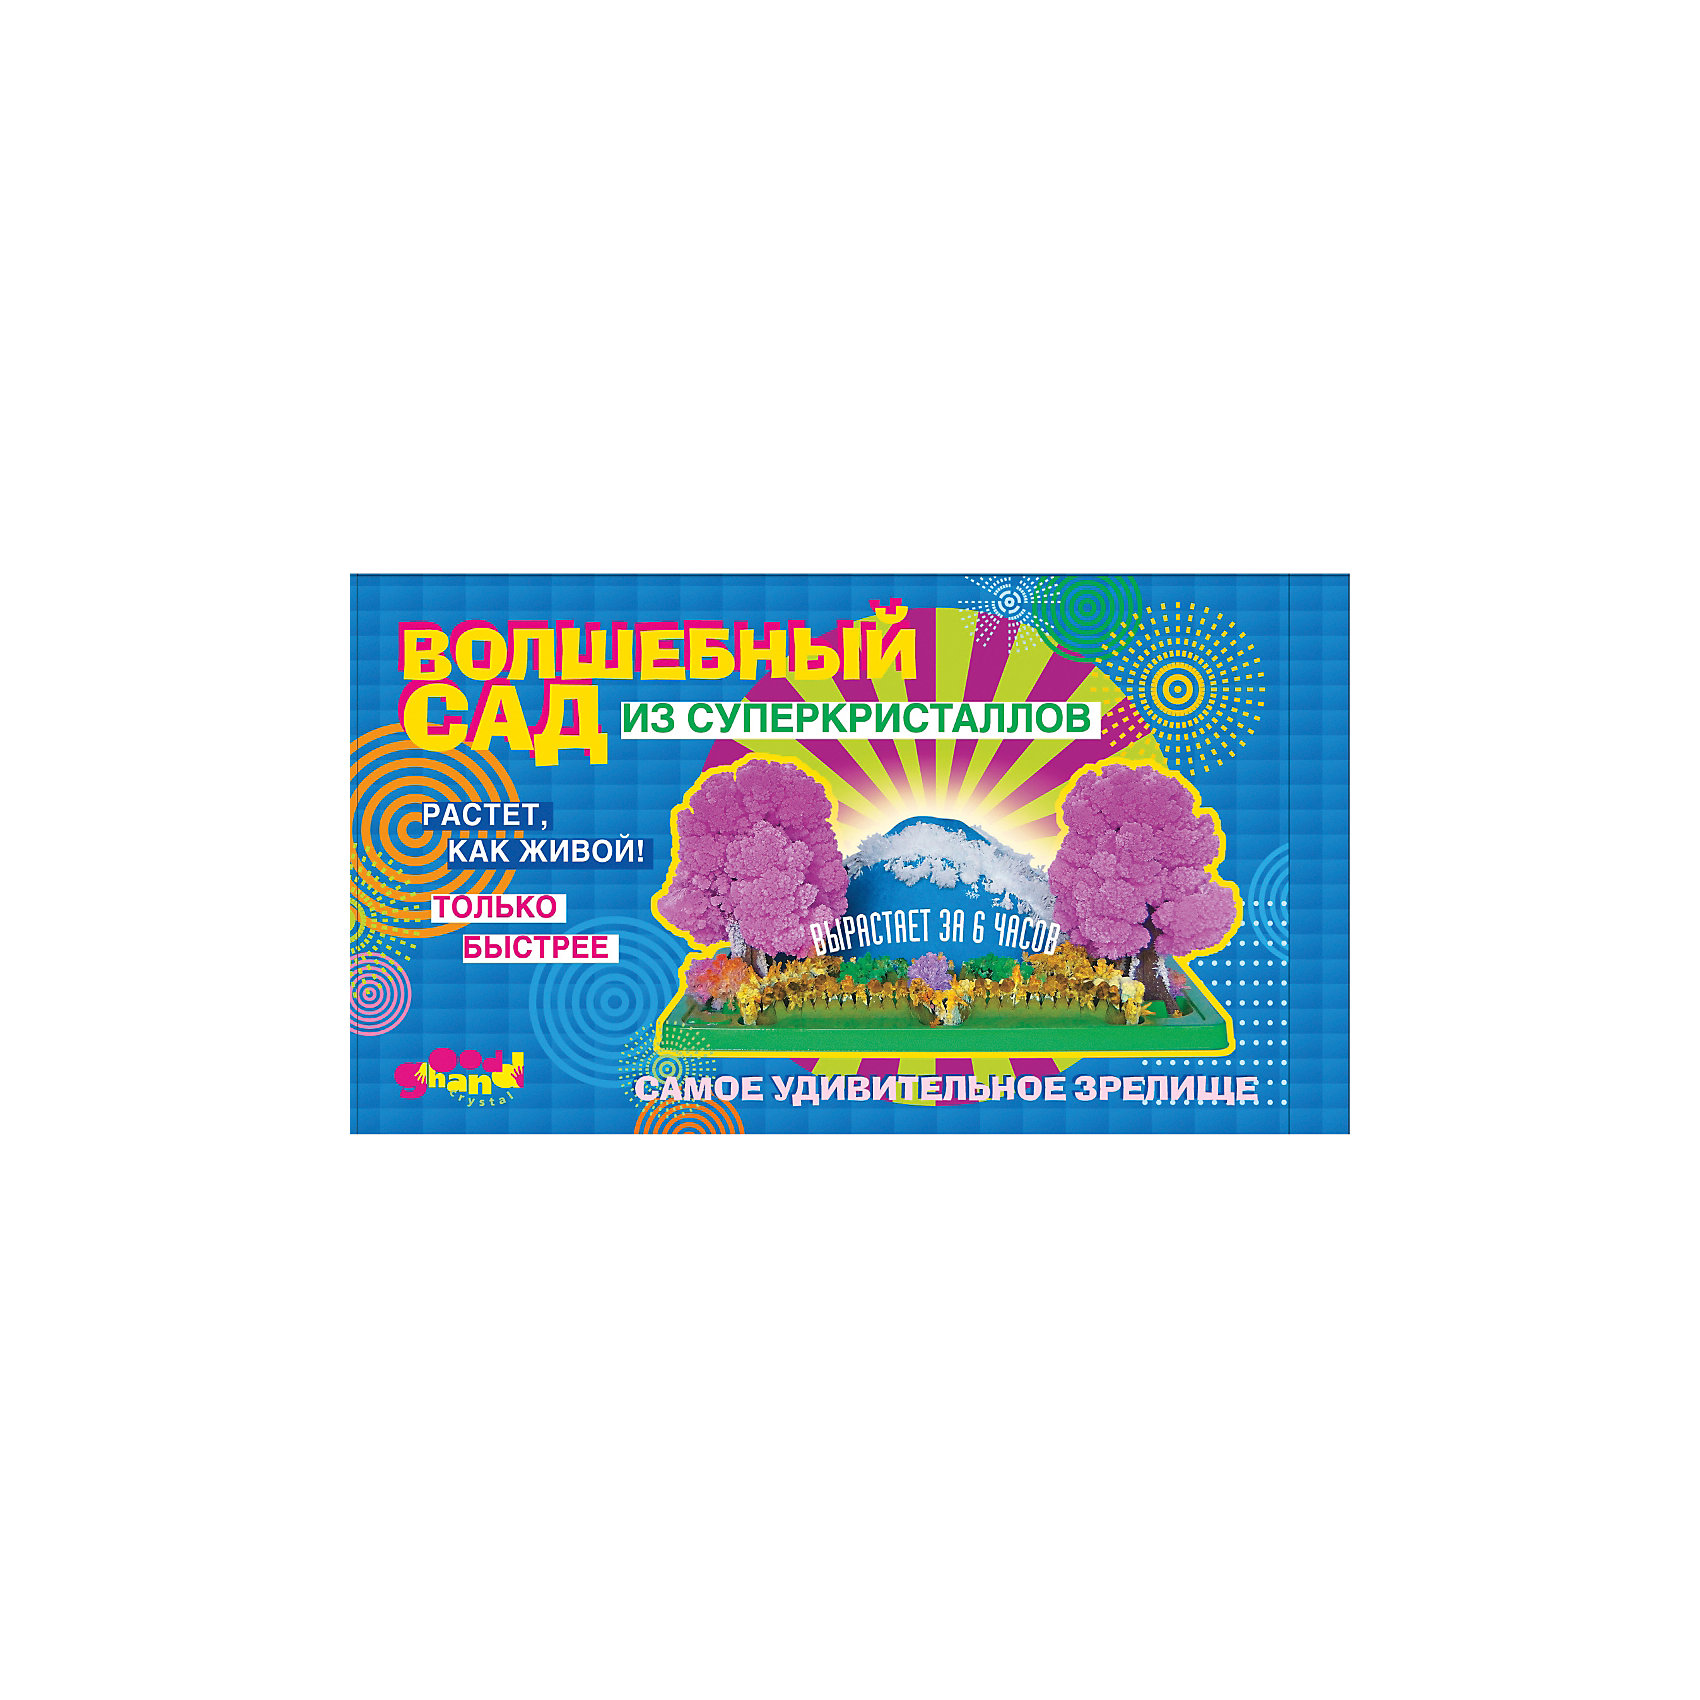 Набор Волшебный садКристаллы<br>Набор Волшебный сад.<br><br>Характеристика: <br><br>• Возраст: от 5 лет<br>• Материал: фосфат аммония, пластик, бумага.<br>• Размер: 15х25х1,5 см.<br>• Комплектация: реактивы для выращивания кристаллов и бумажный каркас<br>• Развивает внимание, мелкую моторику, воображение; расширяет кругозор. <br>• Использовать под присмотром взрослых.<br><br>С помощью этого оригинального набора ваш ребенок сможет вырастить удивительный волшебный сад прямо на столе. Нужно лишь смочить бумажную основу реагентом и немного подождать. Восхитительные деревья из множества переливающихся кристаллов обязательно понравятся вашему юному ученому. <br>Занятия с набором расширяют кругозор детей, развивают мышление, внимание и фантазию.<br><br>Набор Волшебный сад можно купить в нашем интернет-магазине.<br><br>Ширина мм: 150<br>Глубина мм: 250<br>Высота мм: 15<br>Вес г: 182<br>Возраст от месяцев: 60<br>Возраст до месяцев: 2147483647<br>Пол: Унисекс<br>Возраст: Детский<br>SKU: 5487908